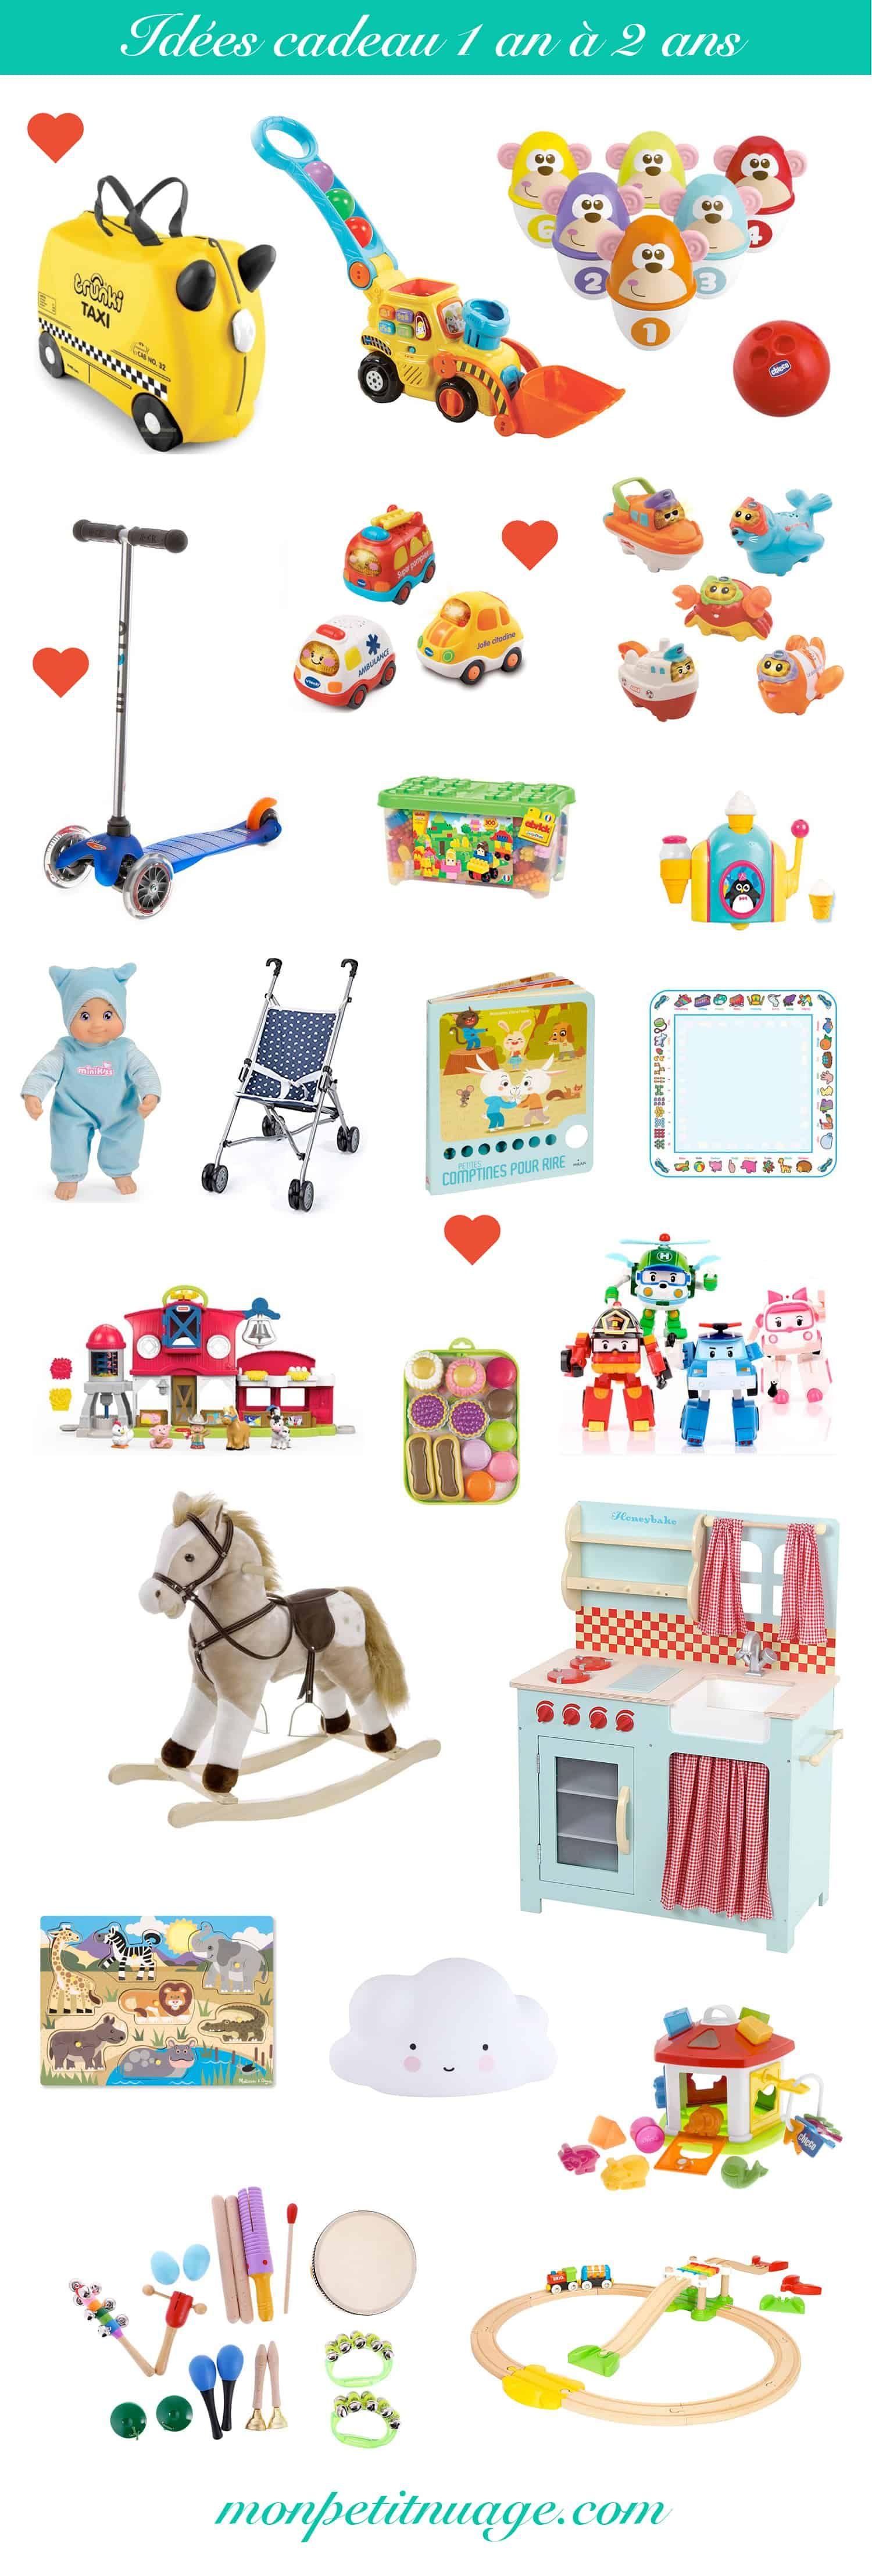 id es cadeaux b b enfant 6 mois 1 an 2 ans 3 ans. Black Bedroom Furniture Sets. Home Design Ideas